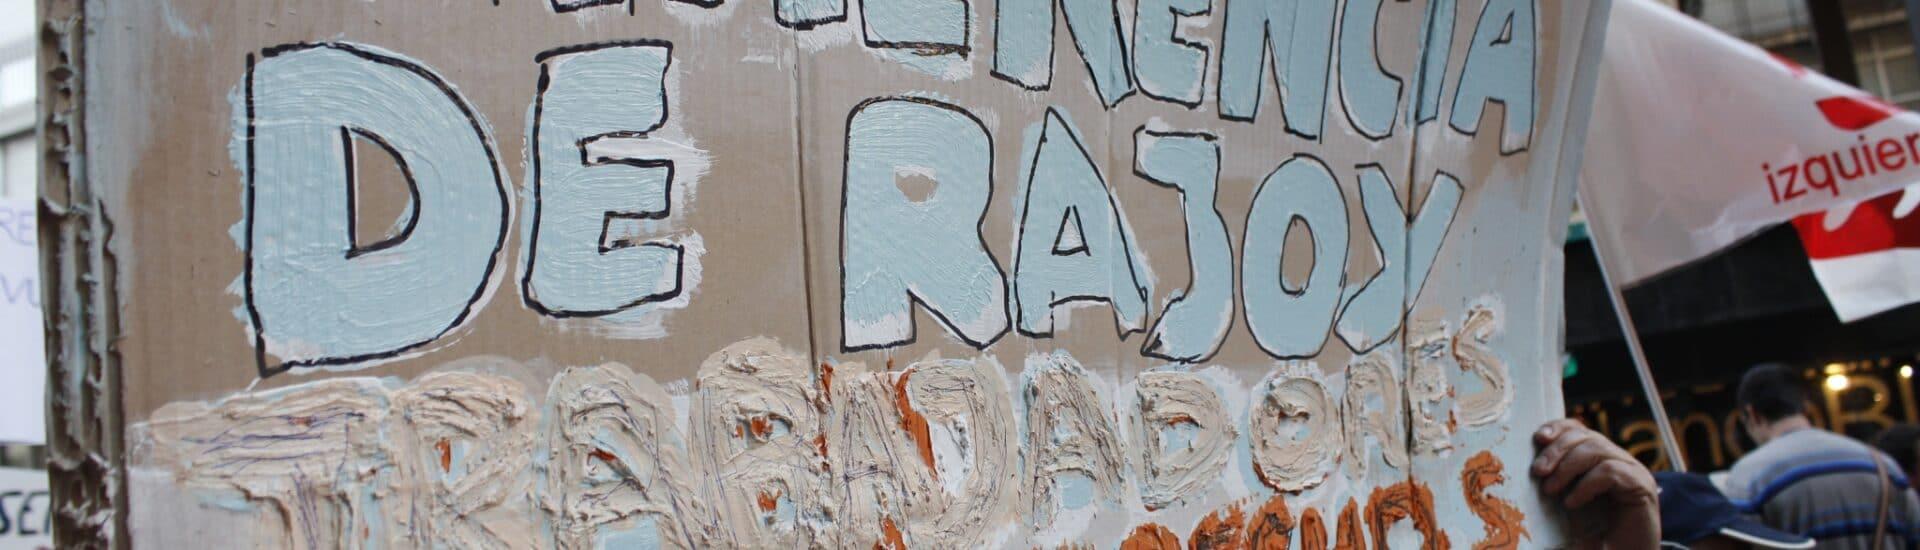 Ισπανία: Πολιτικές εξελίξεις στο κίνημα